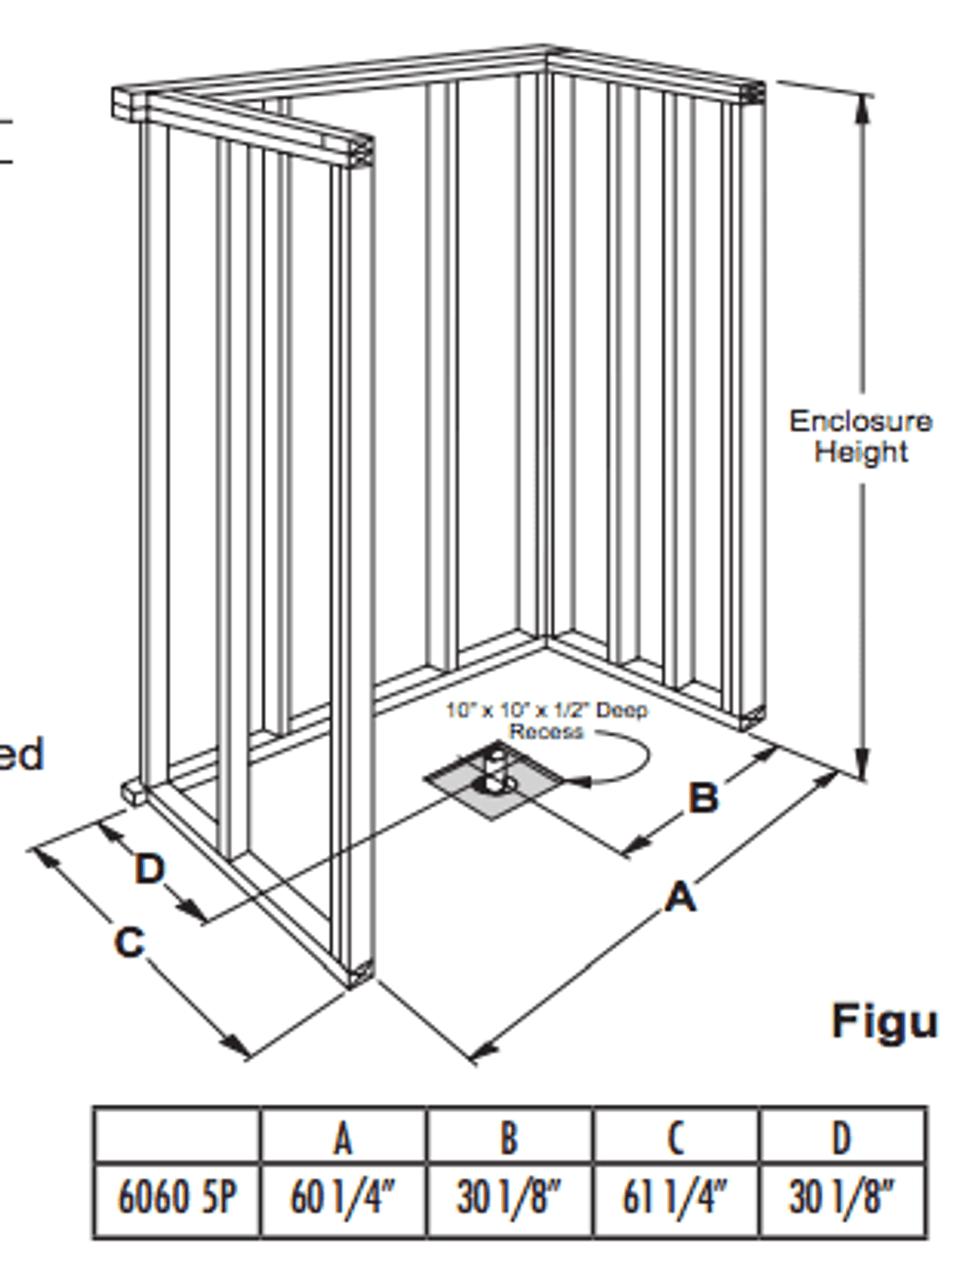 shower stall schematic 60 x 60 shower stall barrier free  60 x 60 shower stall barrier free